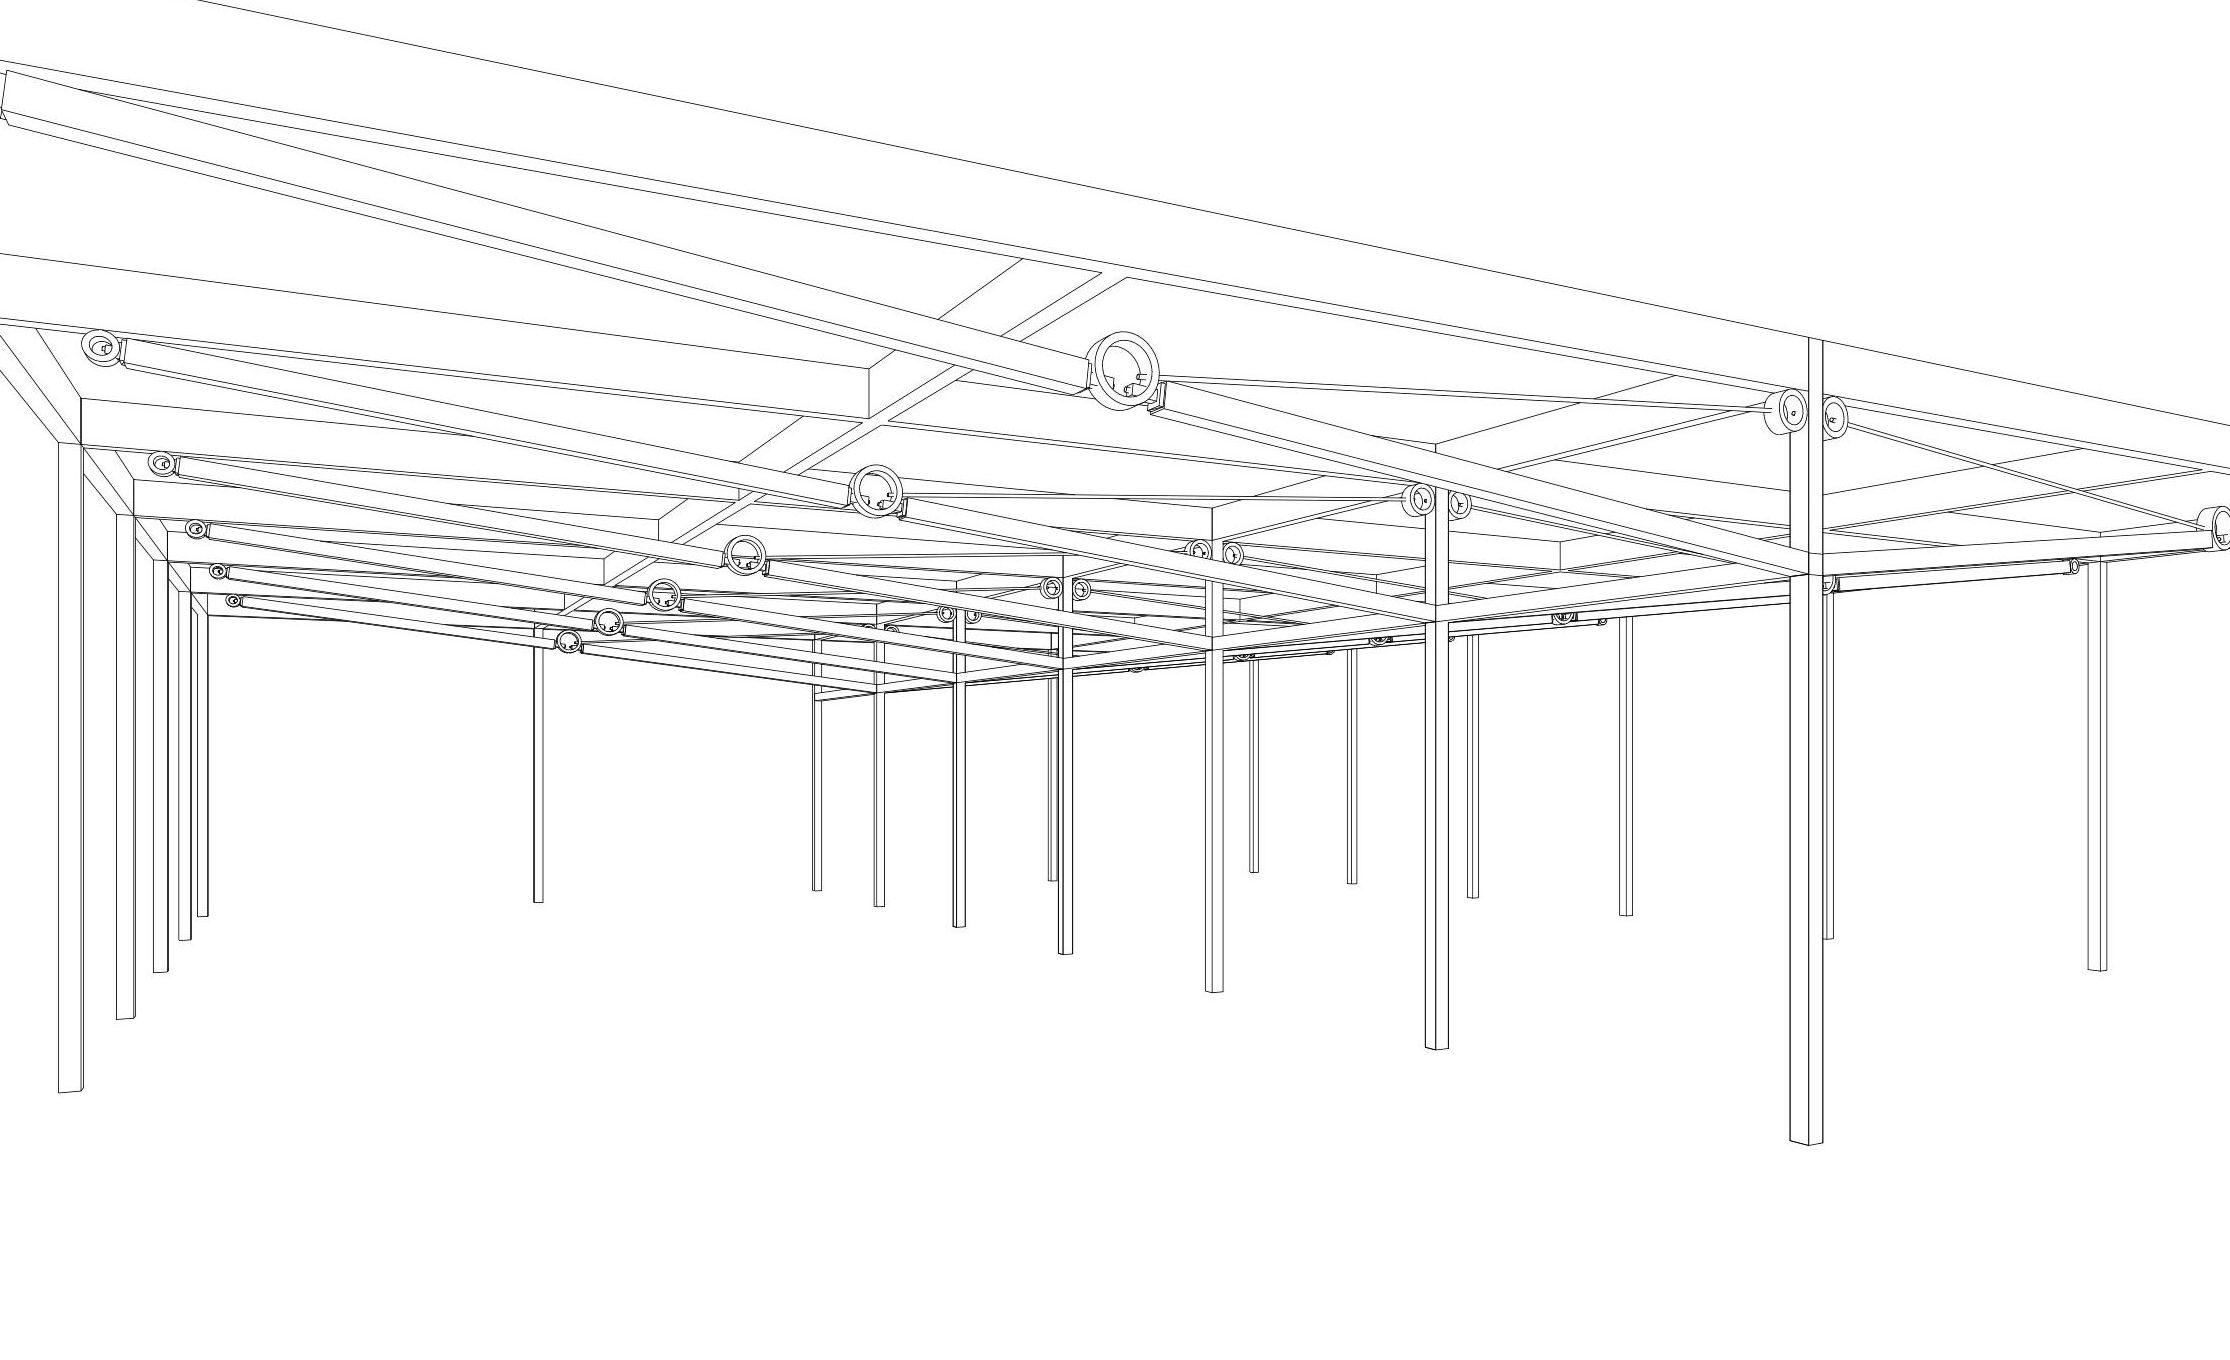 ウッディパーツオフィスの木造張弦トラス構造のスケルトンイメージ画像